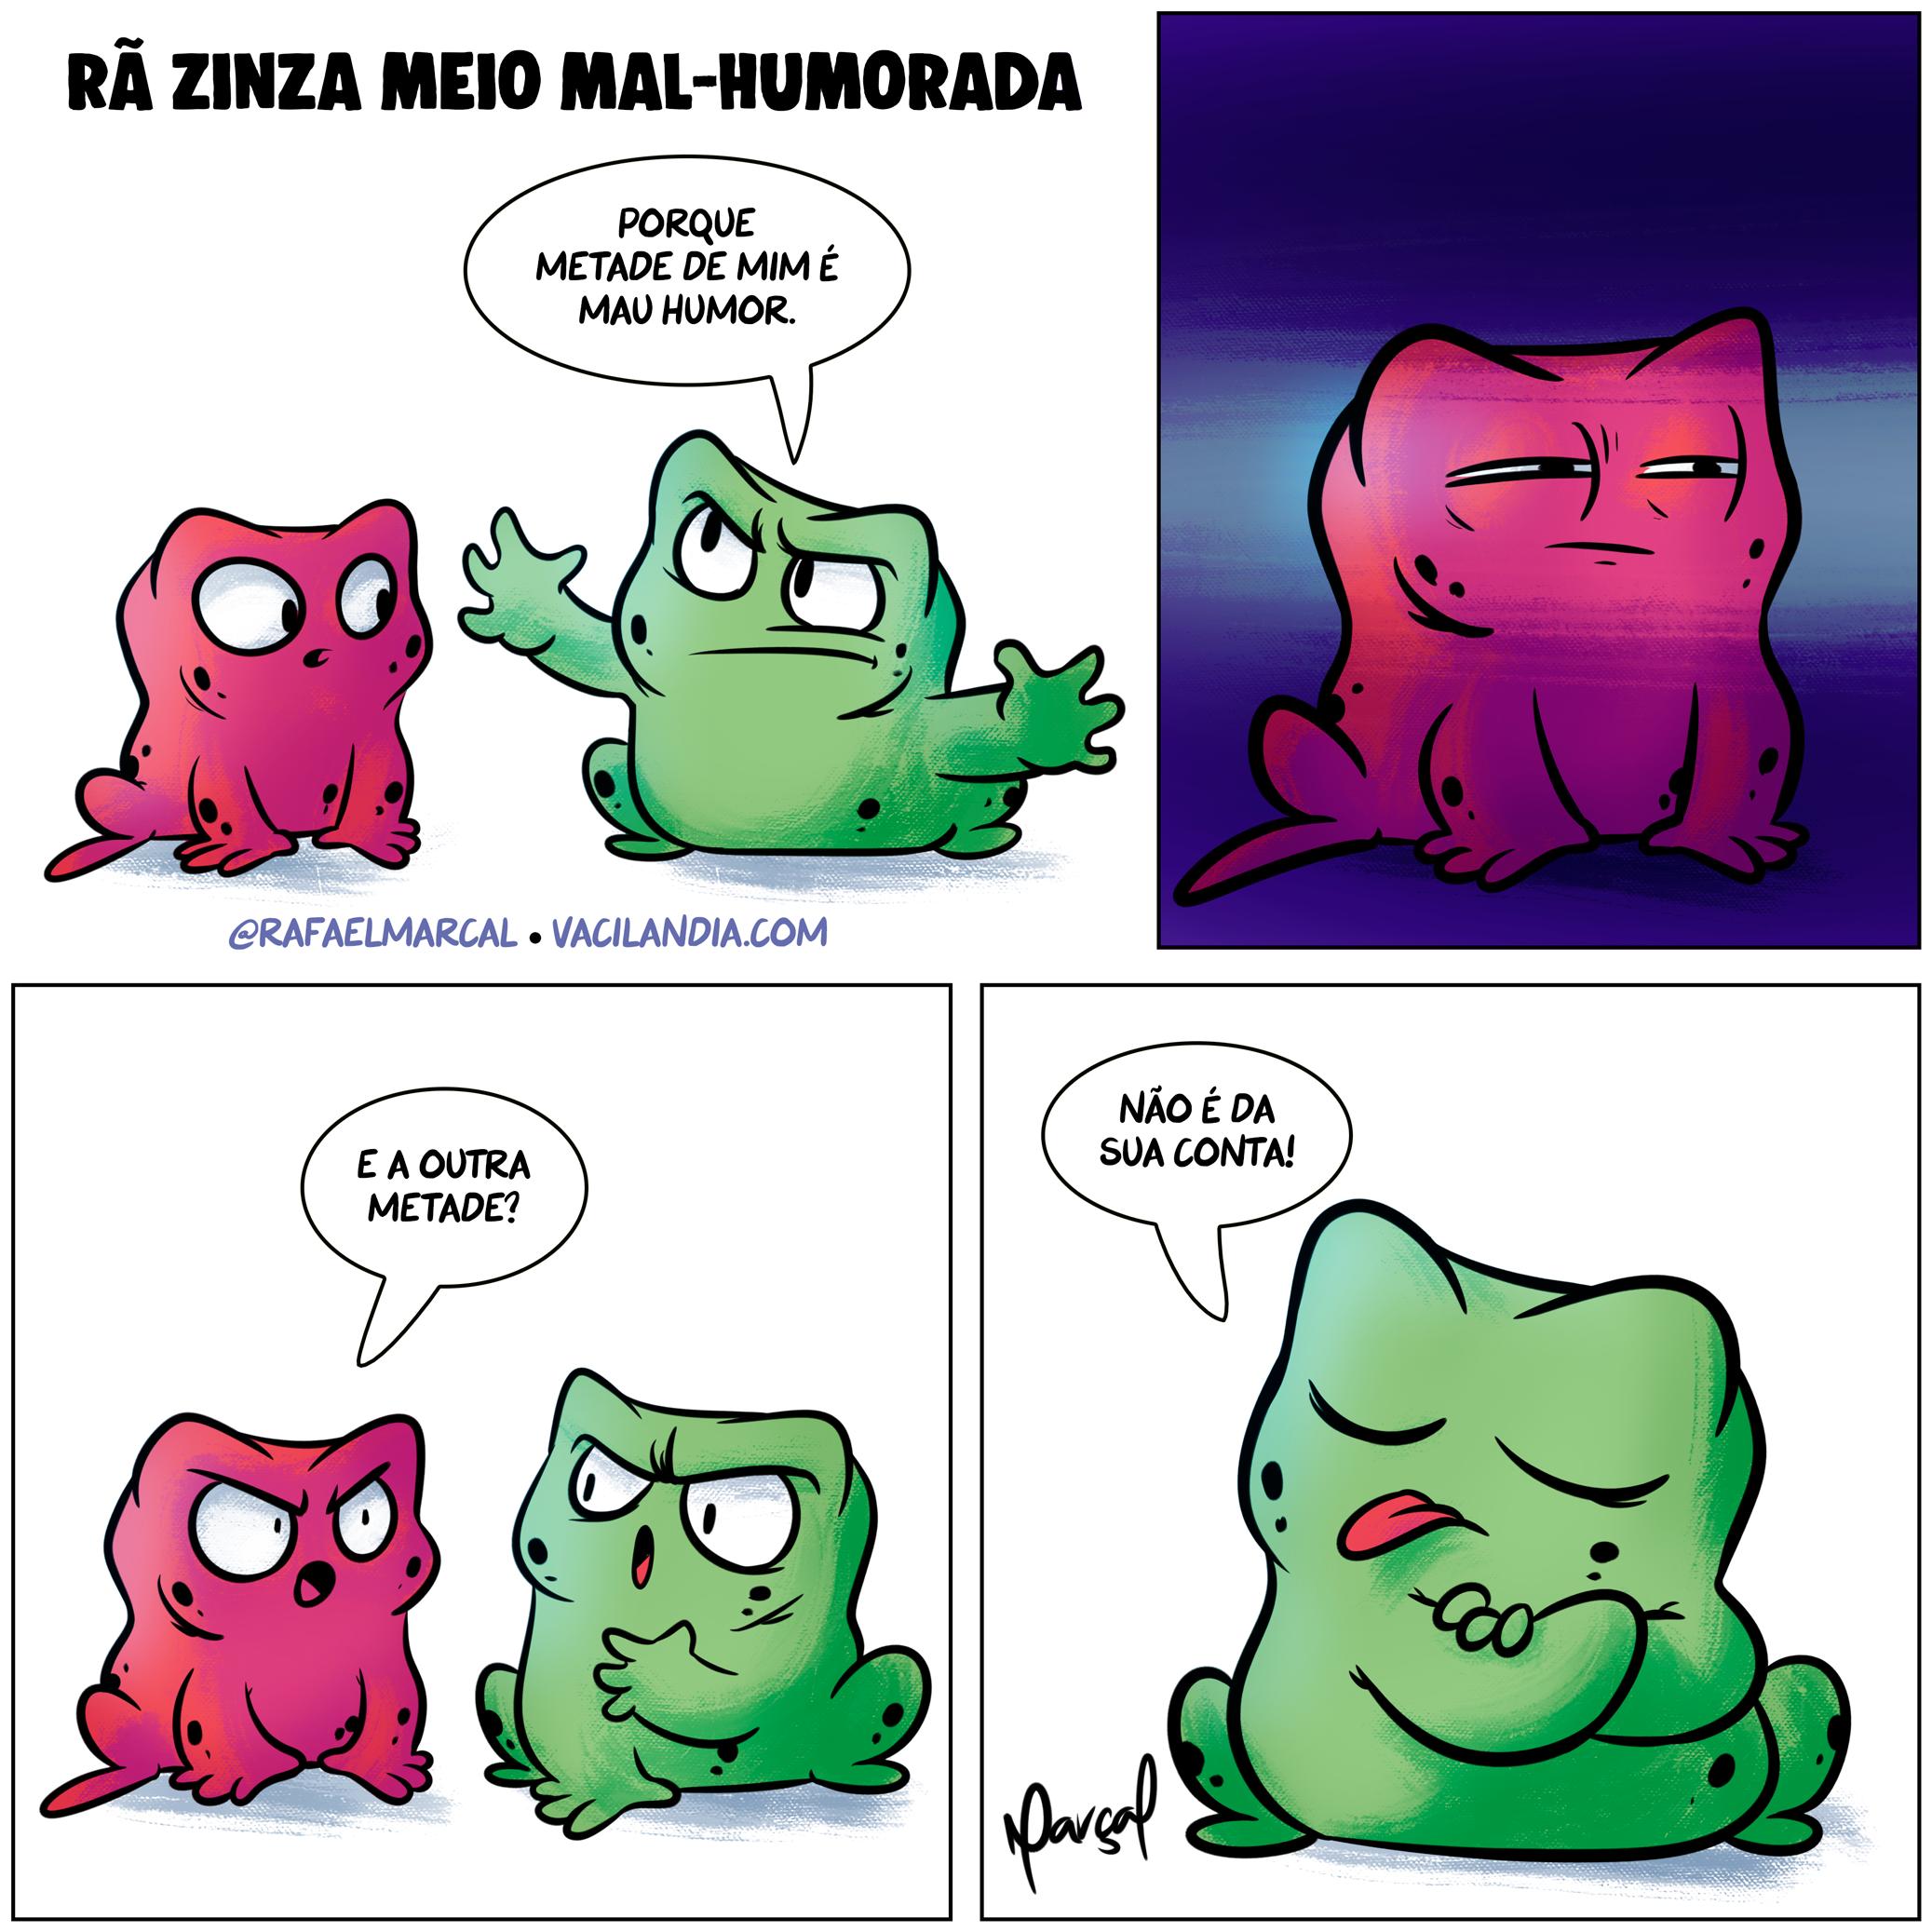 Rã Zinza meio mal-humorada | webcomic, tirinha, rã zinza, quadrinhos, memes, mau humor, mal-humorado, mal humorada, mal educado, ignorância, humor, grosso, comédia, brasileiros